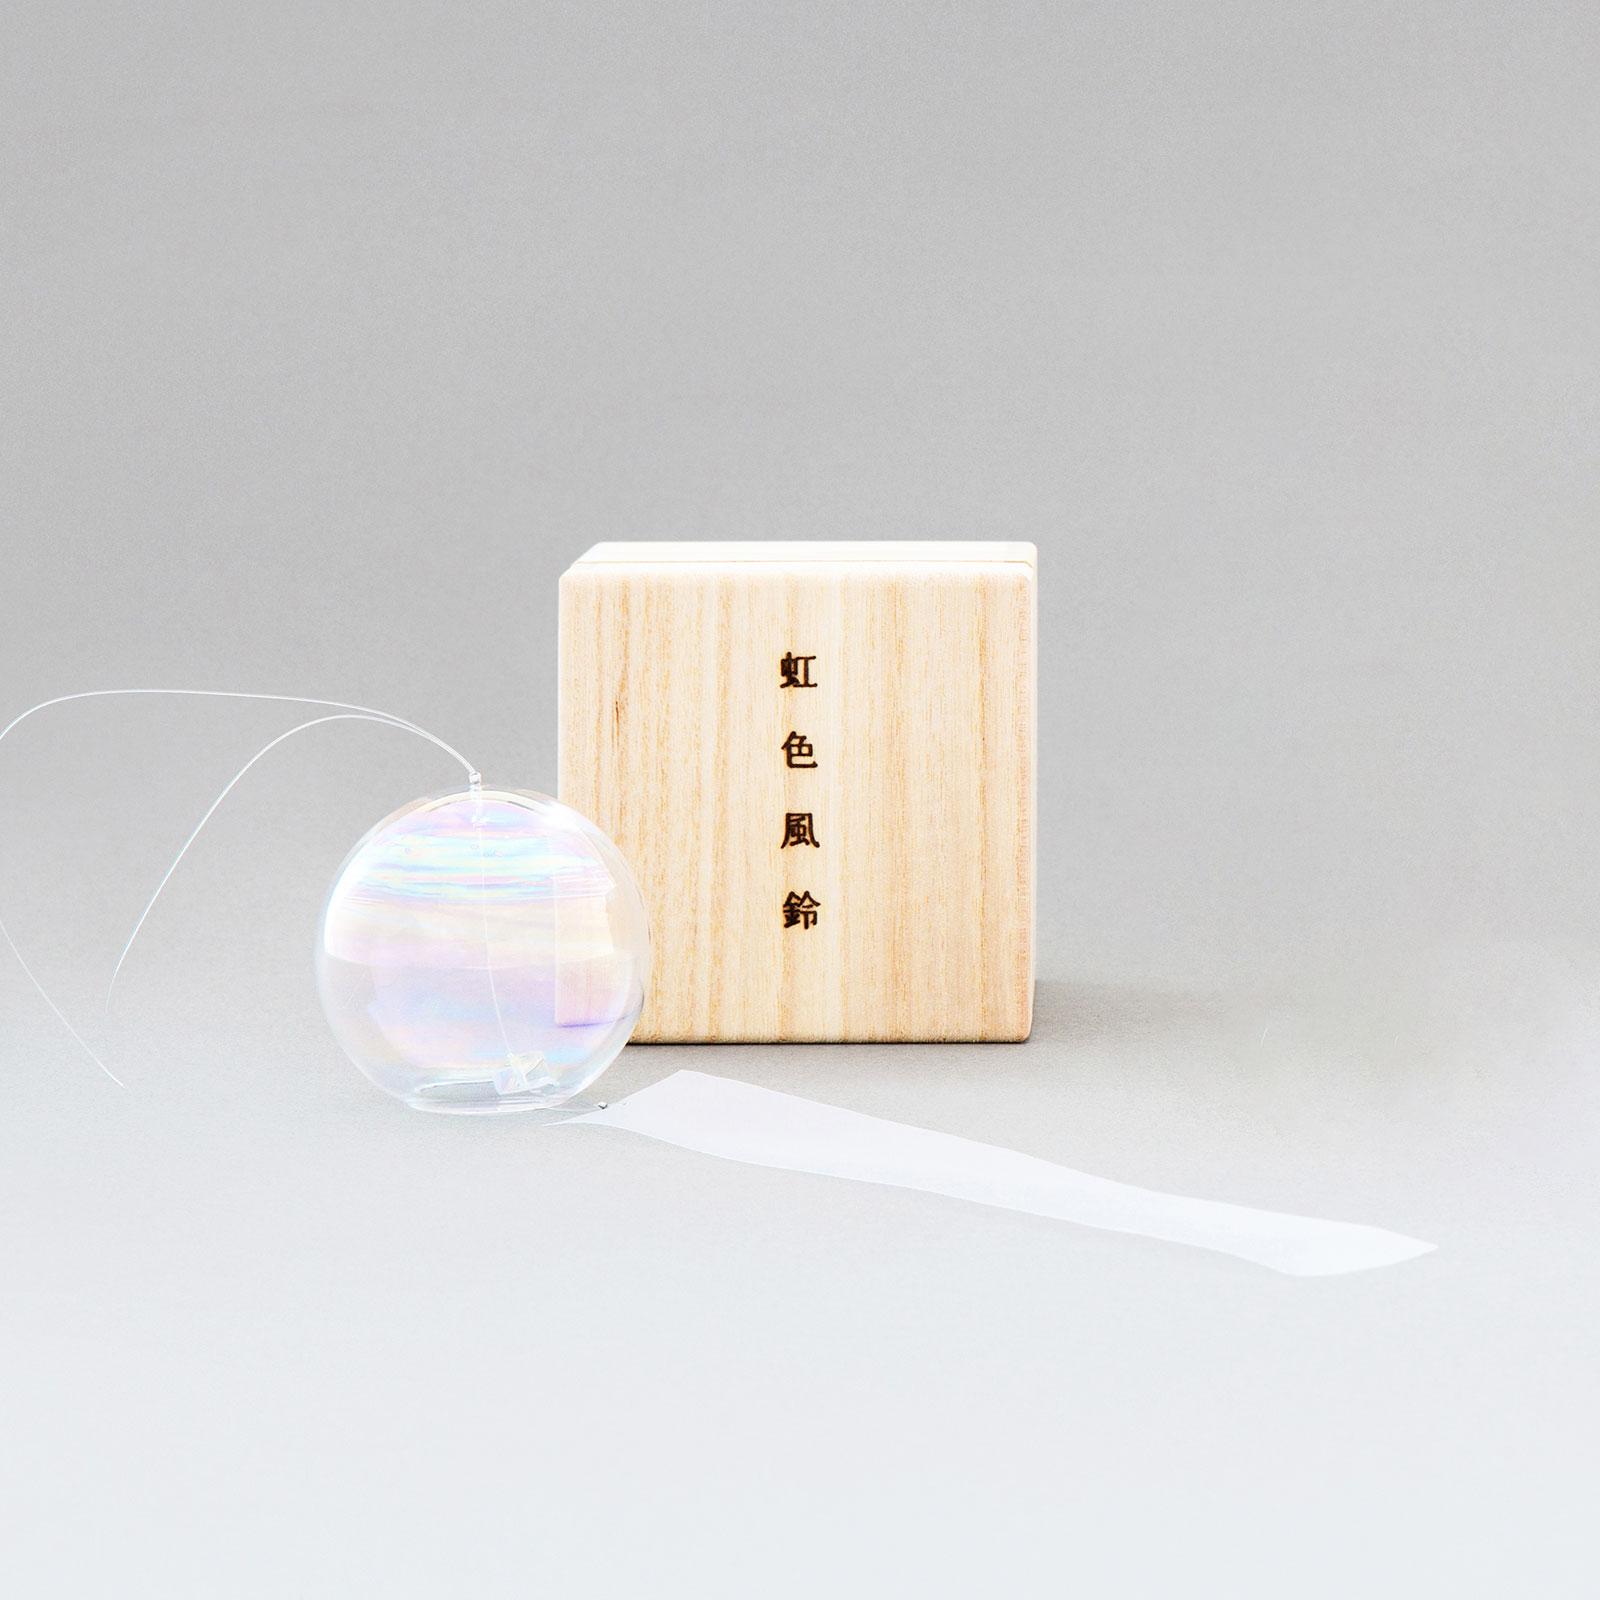 虹色風鈴:(S) 2021